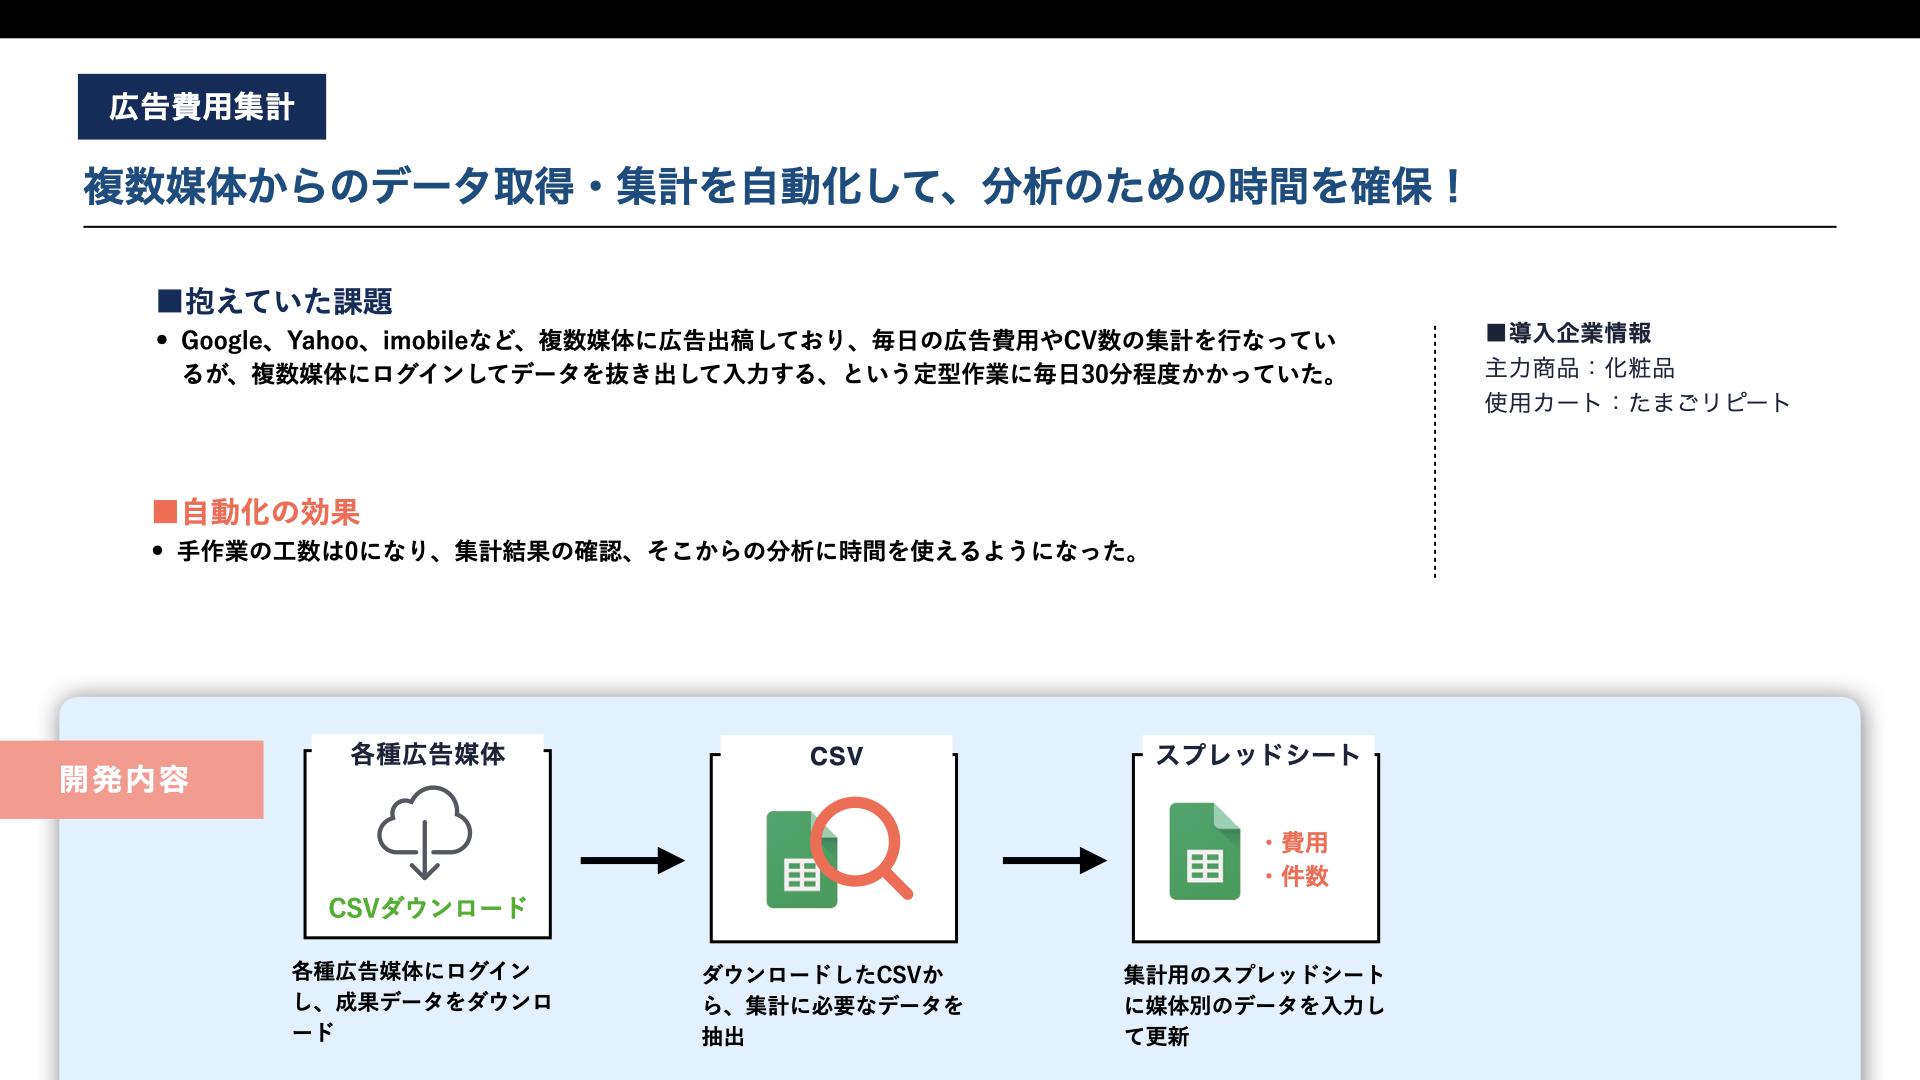 FULLTIME_サービス資料_v2.027